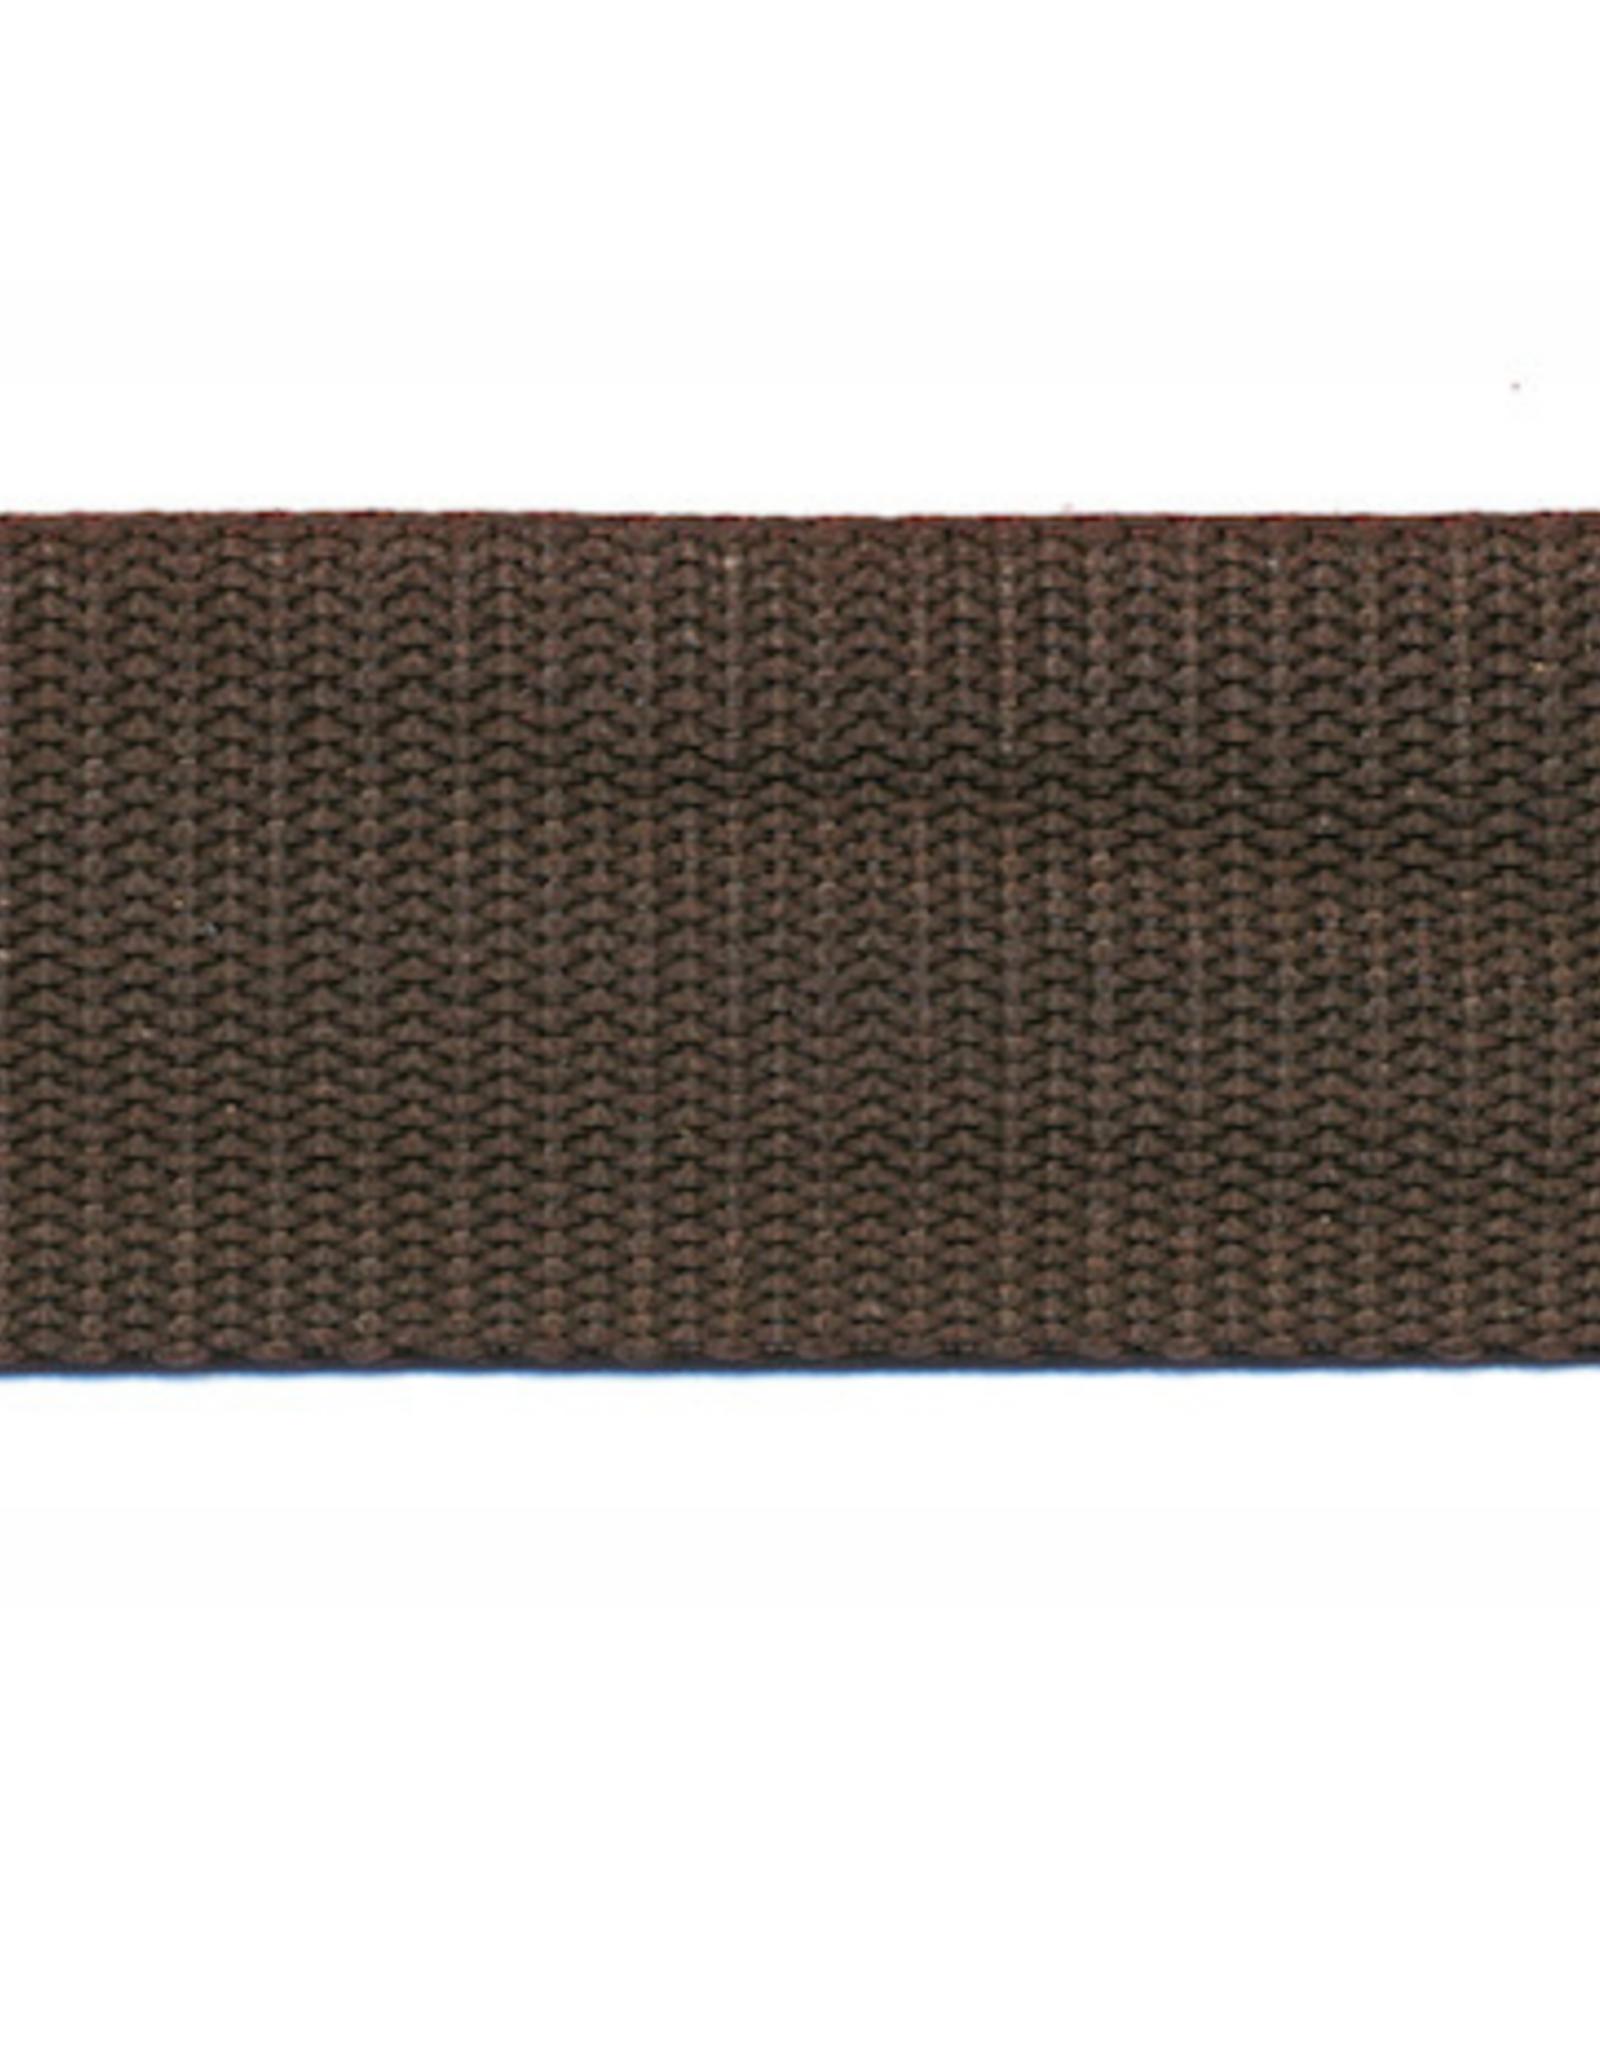 Tassenband Nylon - 30mm - Bruin